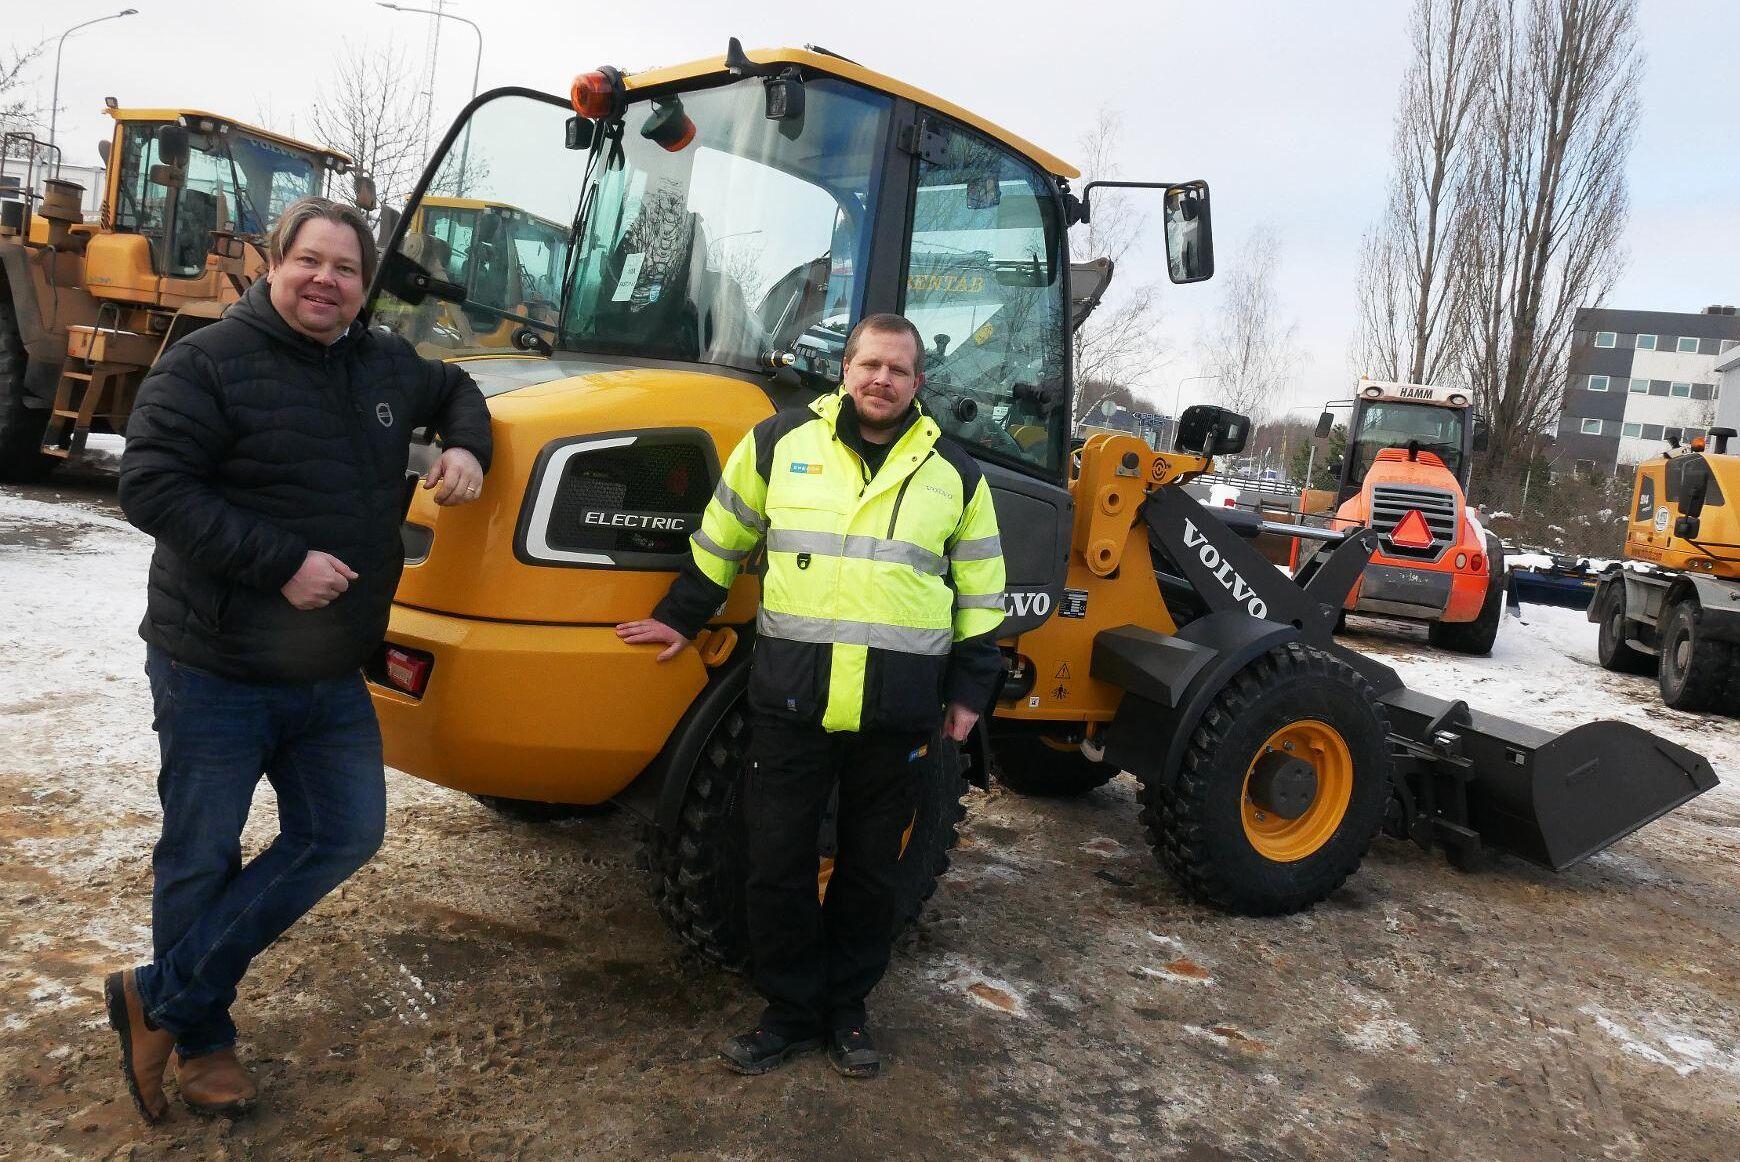 Fredrik Askling och Björn Svedbergh tror att Volvos nya L25 Electric kommer att hitta köpare när den nu finns att provköra.